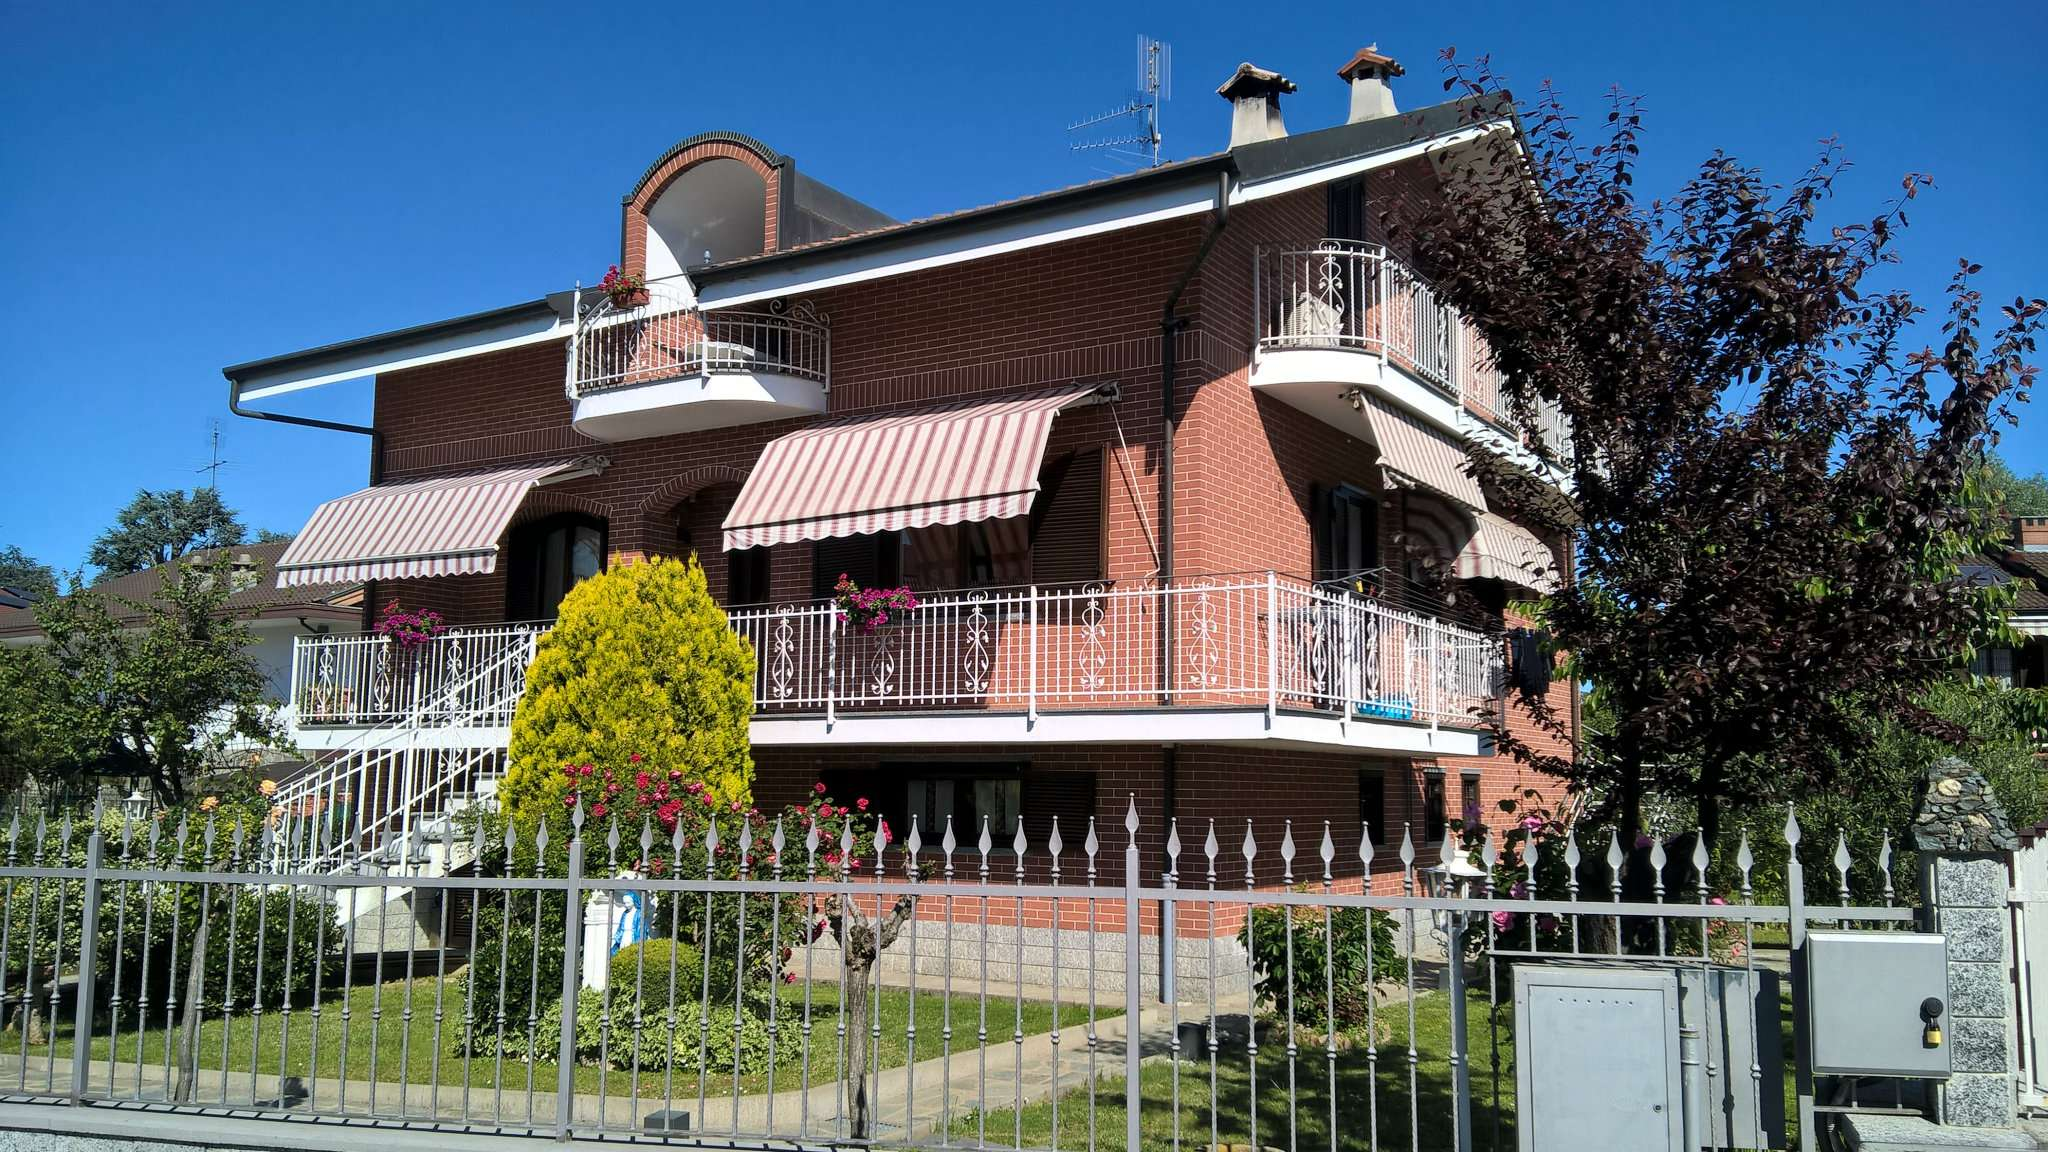 Villa Bifamiliare in vendita a Moncalieri, 10 locali, prezzo € 620.000 | CambioCasa.it